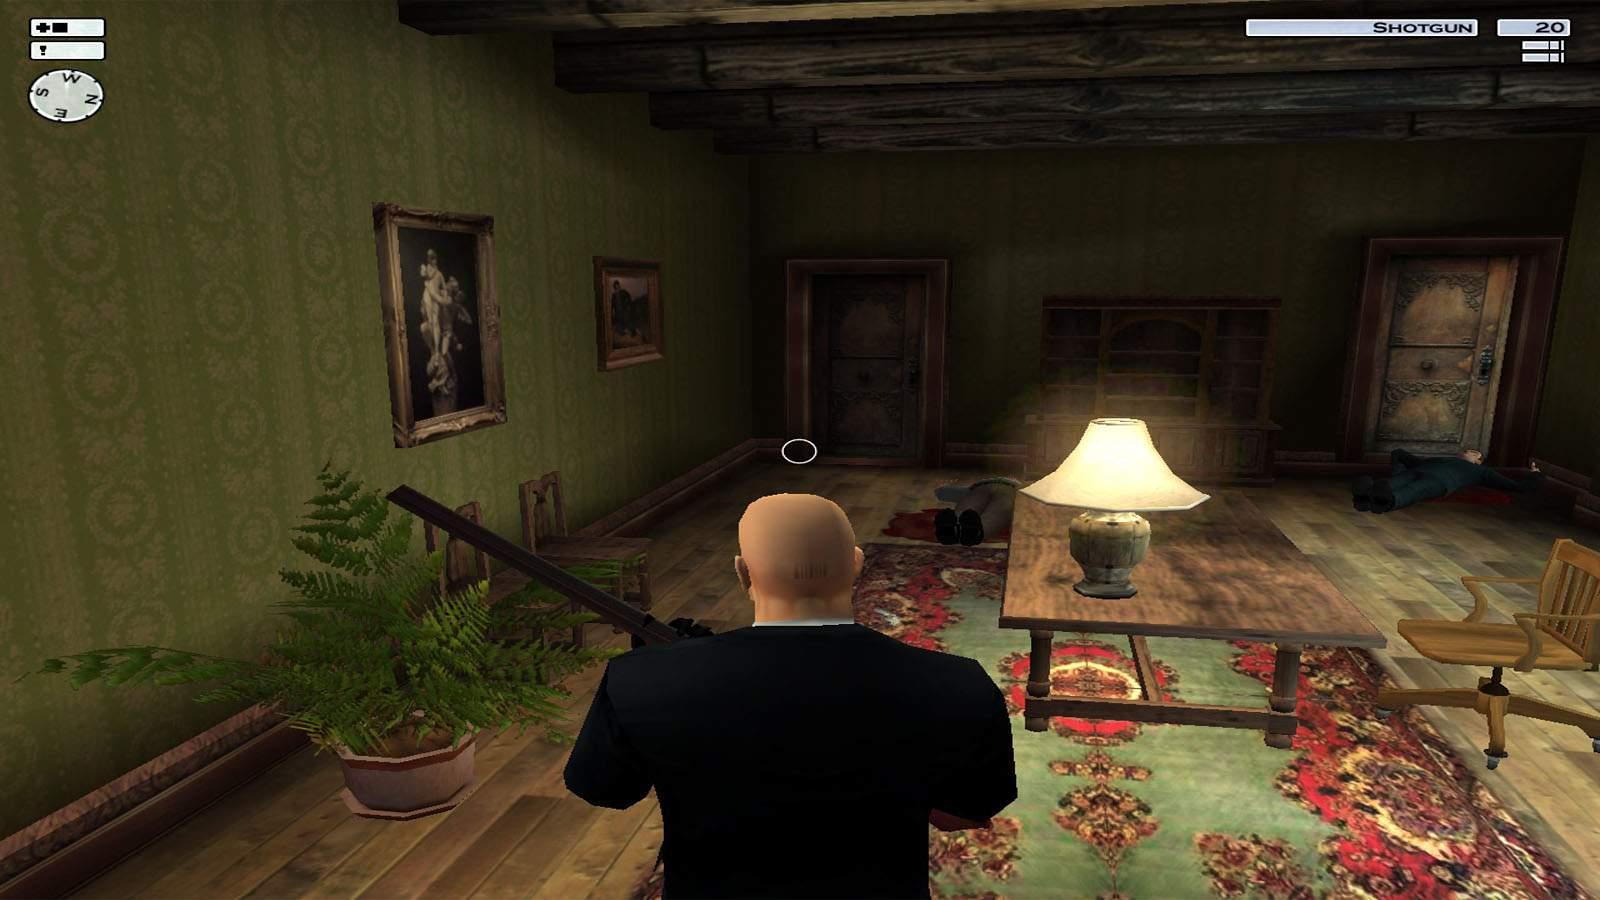 تحميل لعبة Hitman 2 Silent Assassin مغوطة برابط واحد مباشر + تورنت كاملة مجانا